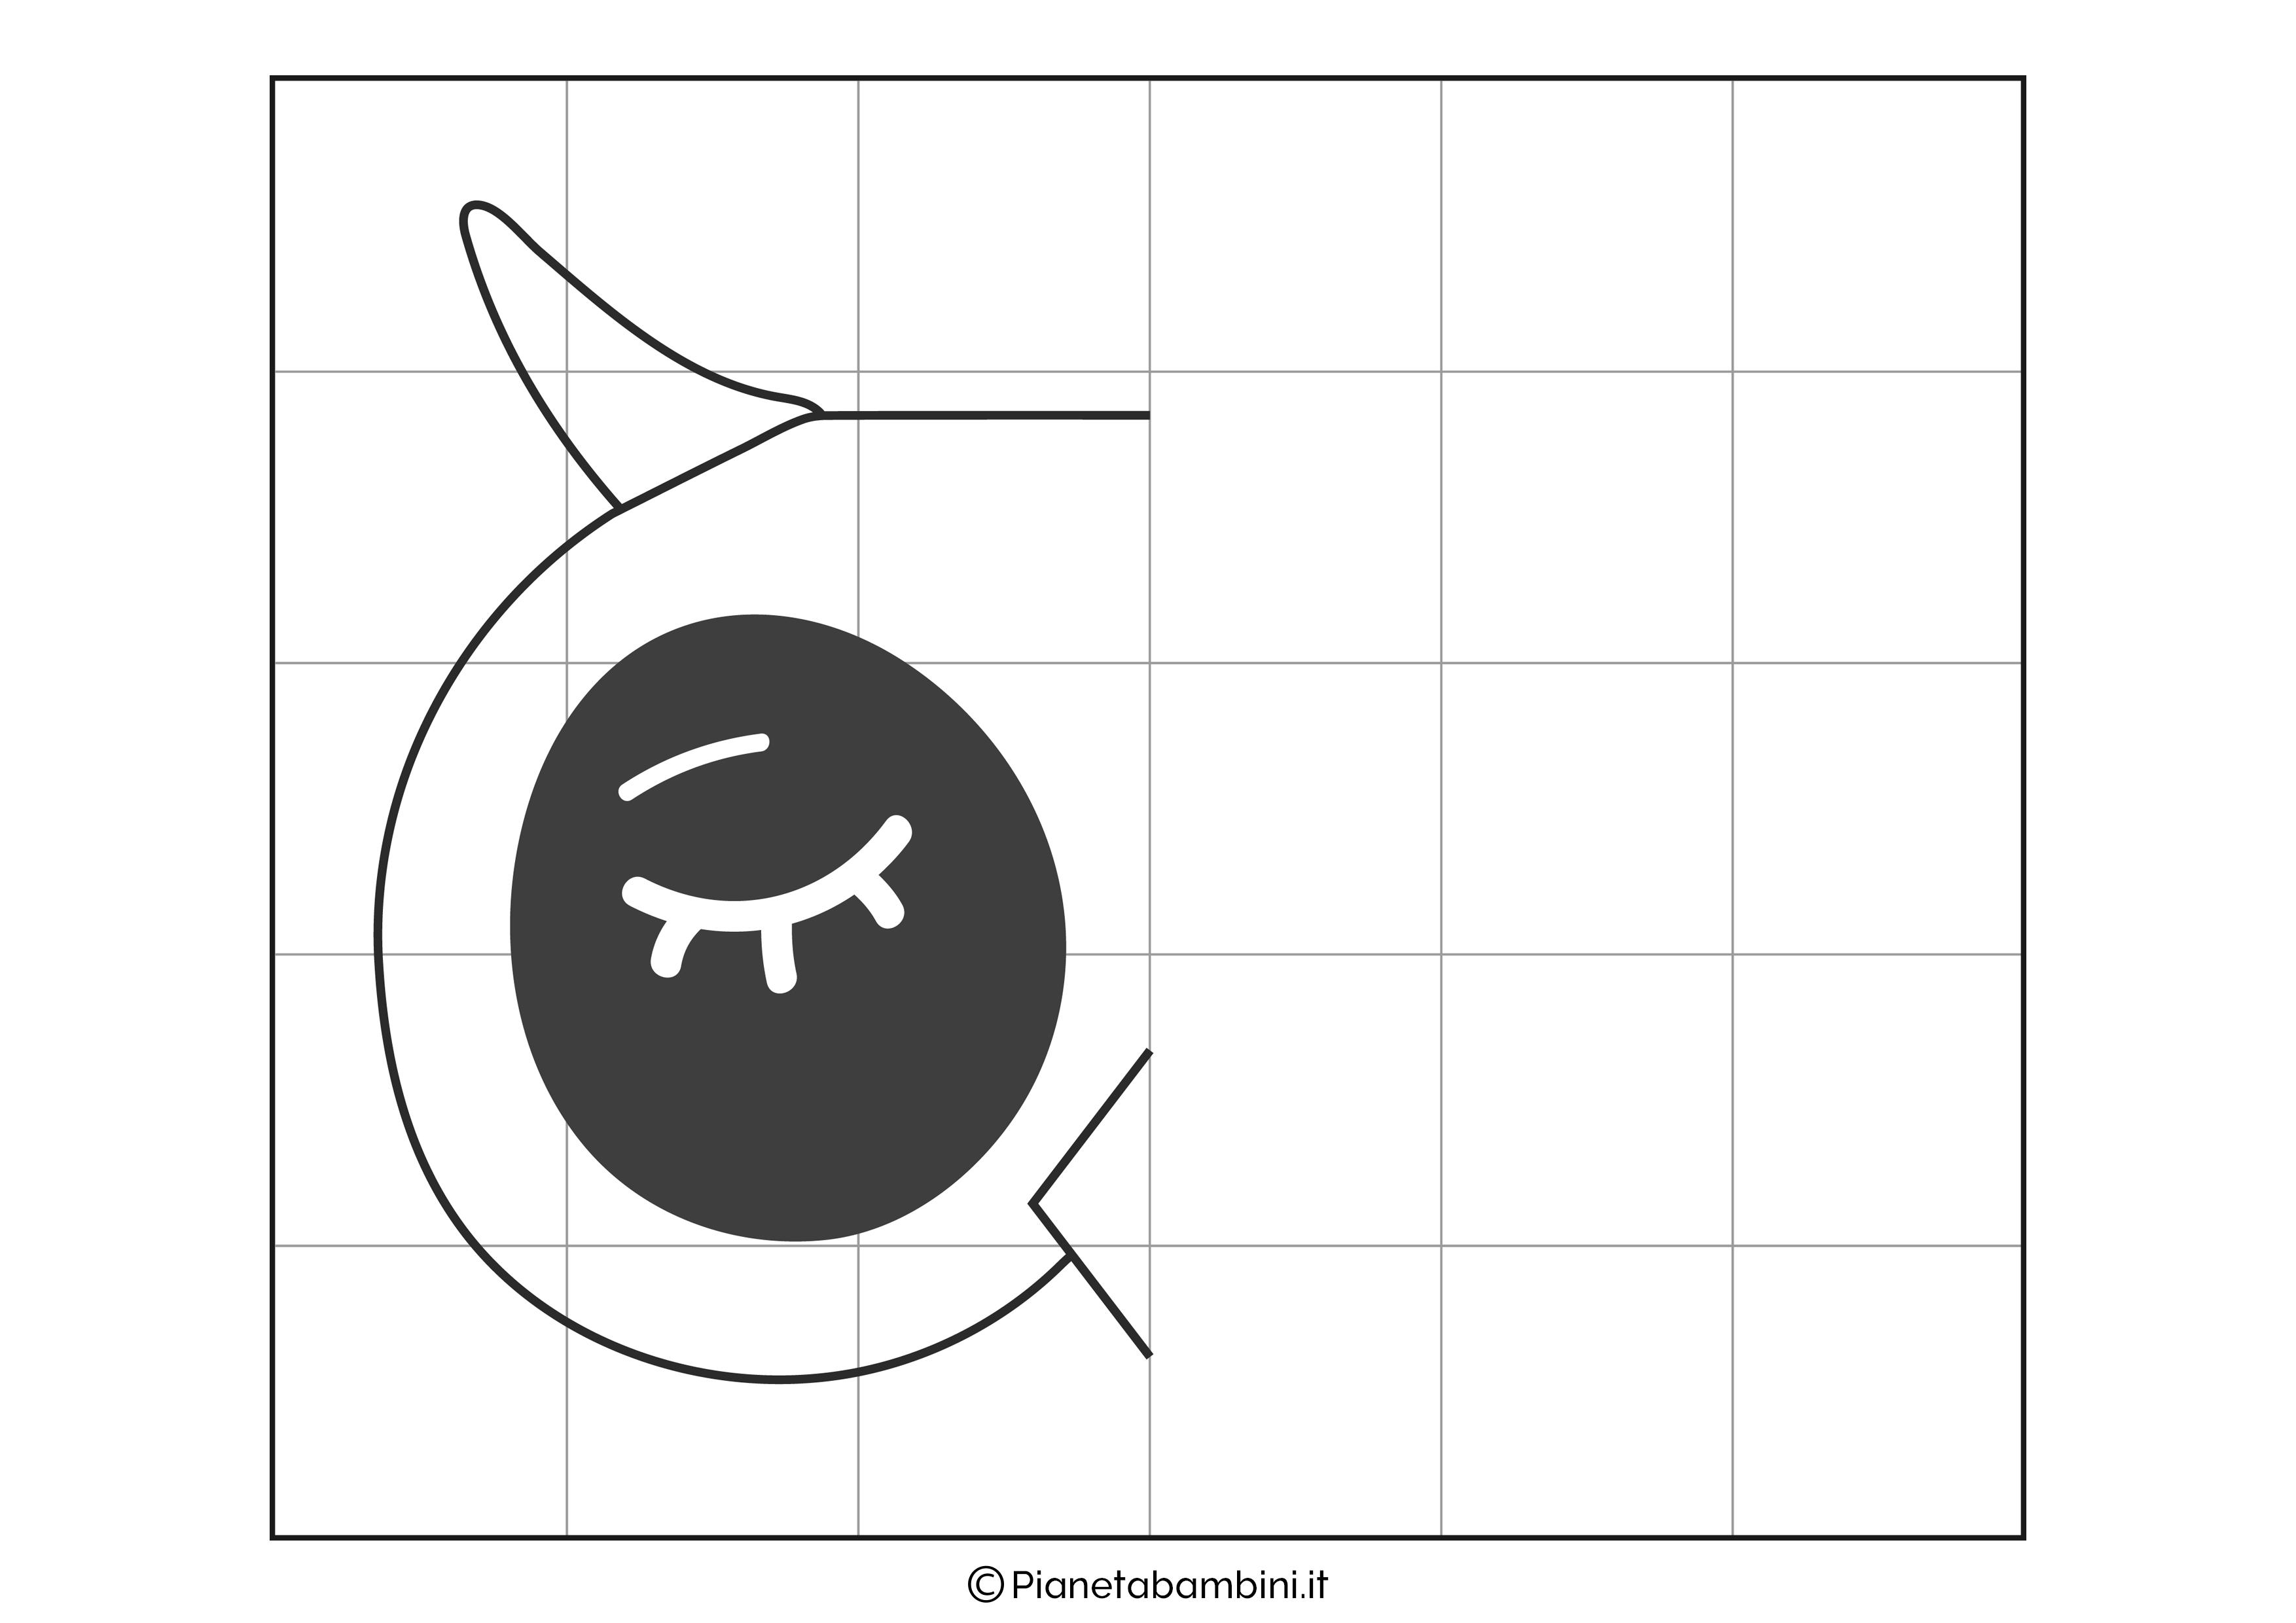 Disegno simmetrico sul gufo da completare